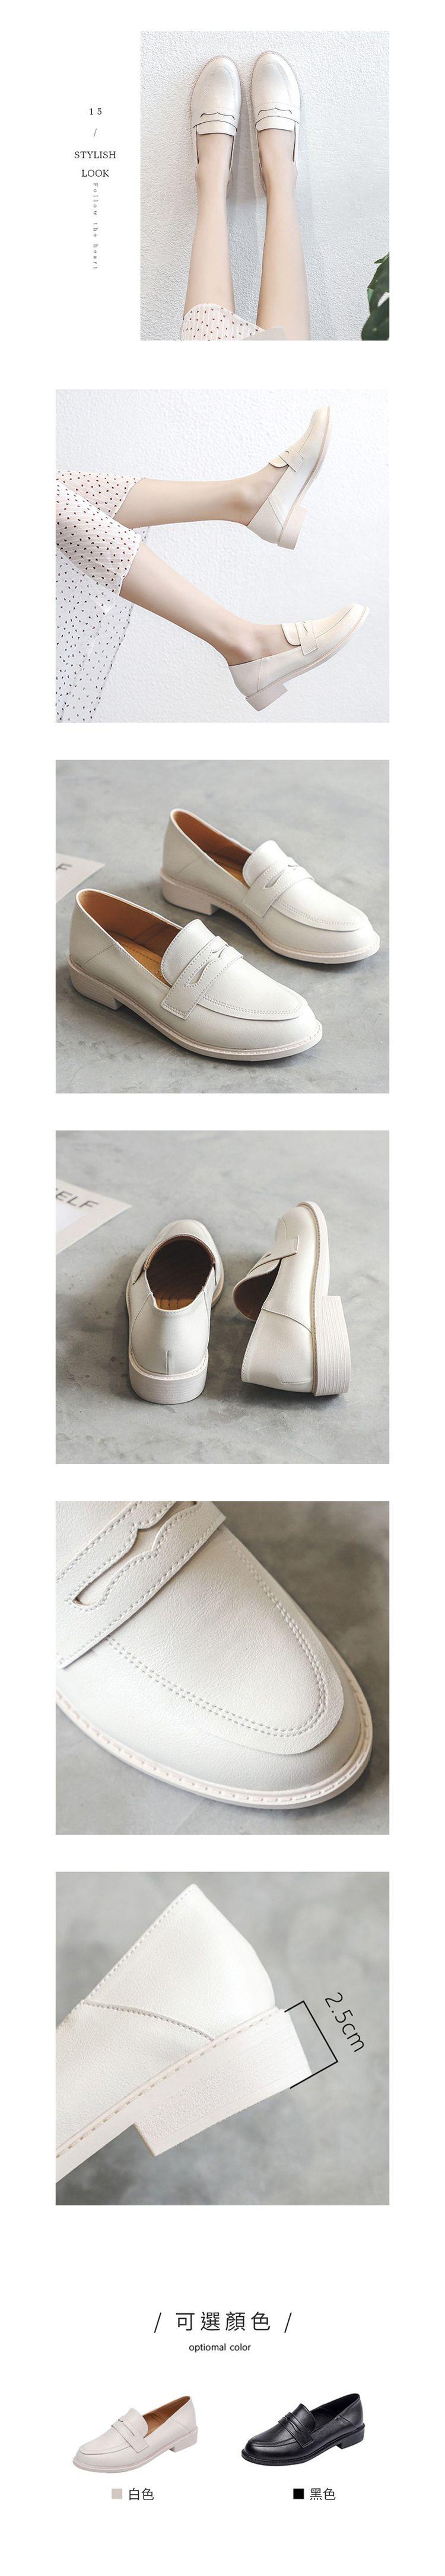 極簡素面可後踩低跟樂福鞋.2色